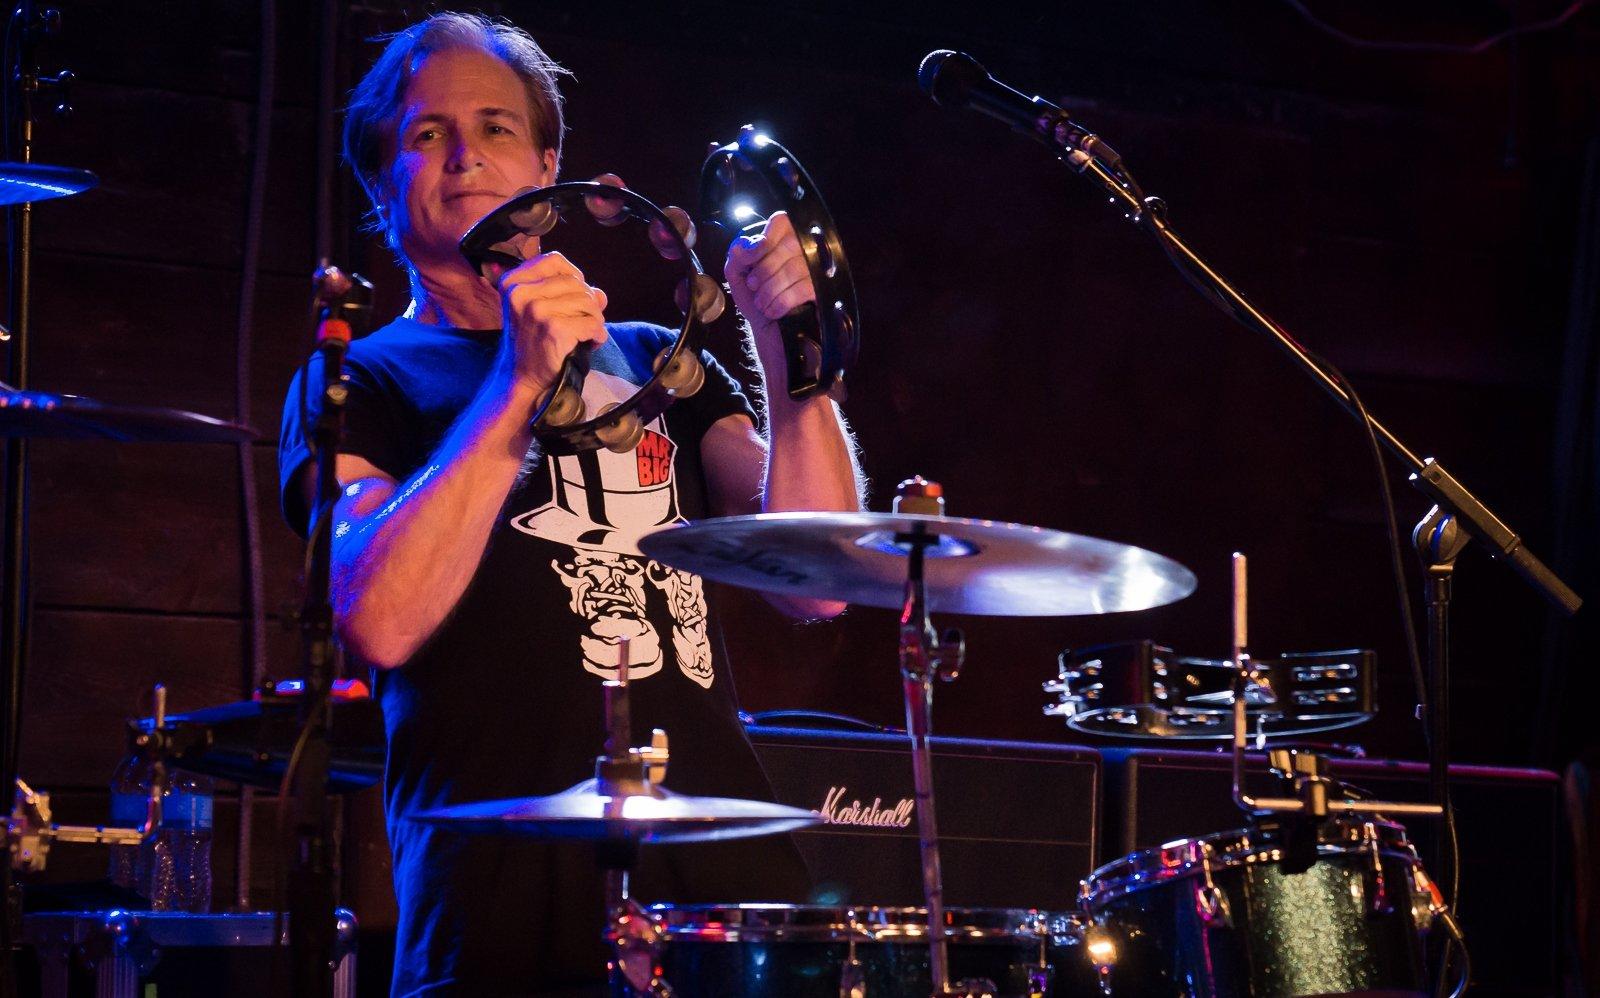 Скончался сооснователь американской рок-группы Mr. Big